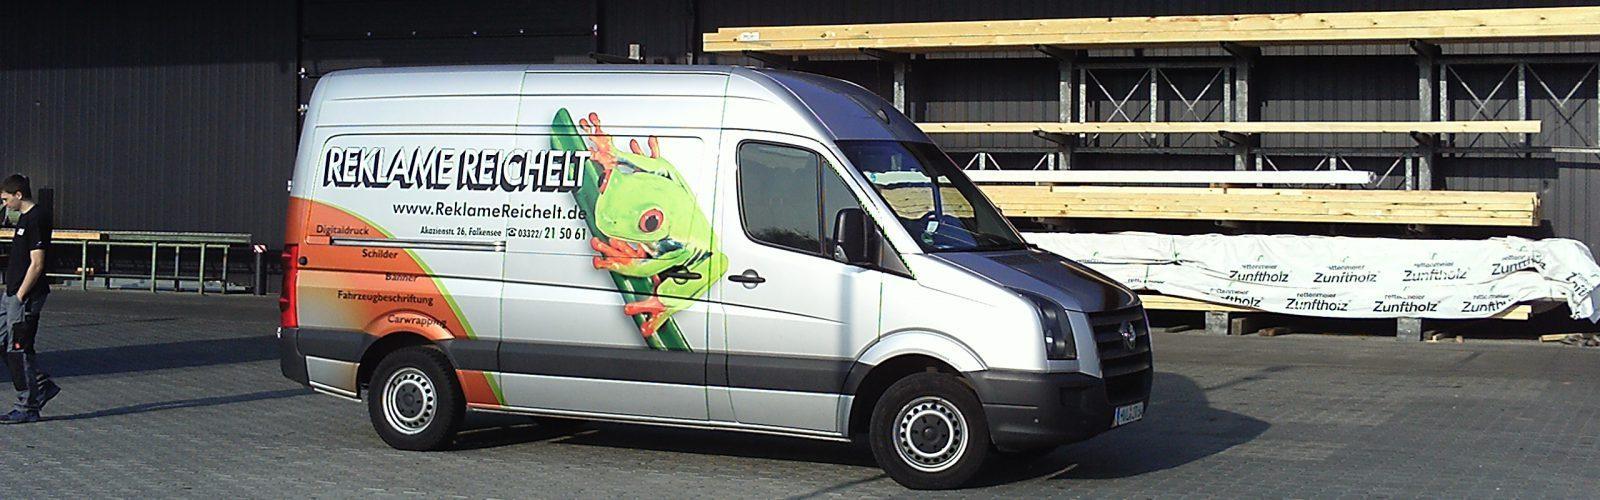 Reklame Reichelt